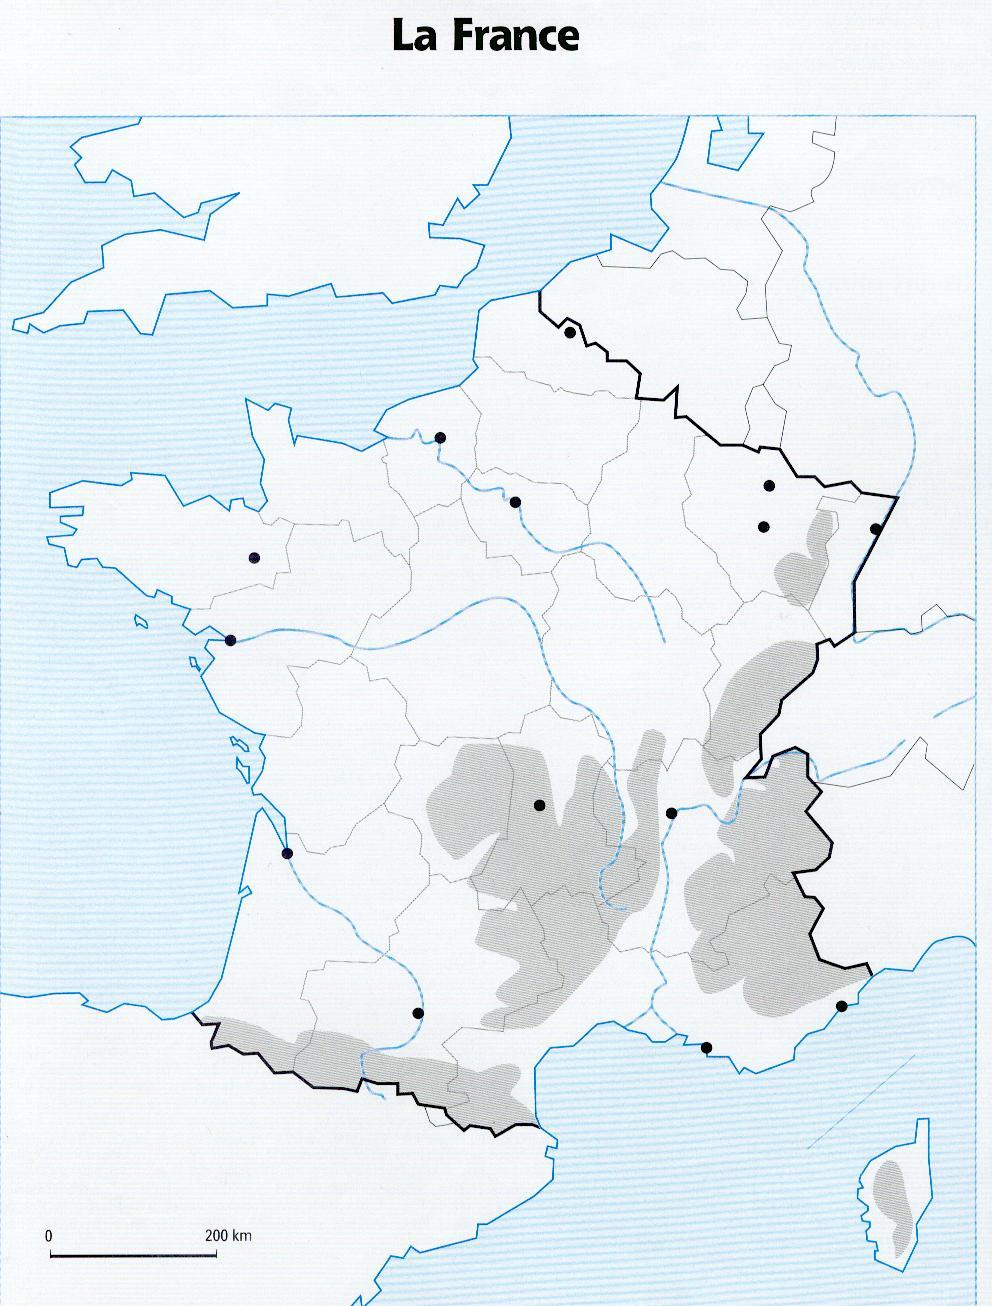 Fonds De Cartes - Les Pratiques De Classe De Mister Chat concernant Fond De Carte France Vierge